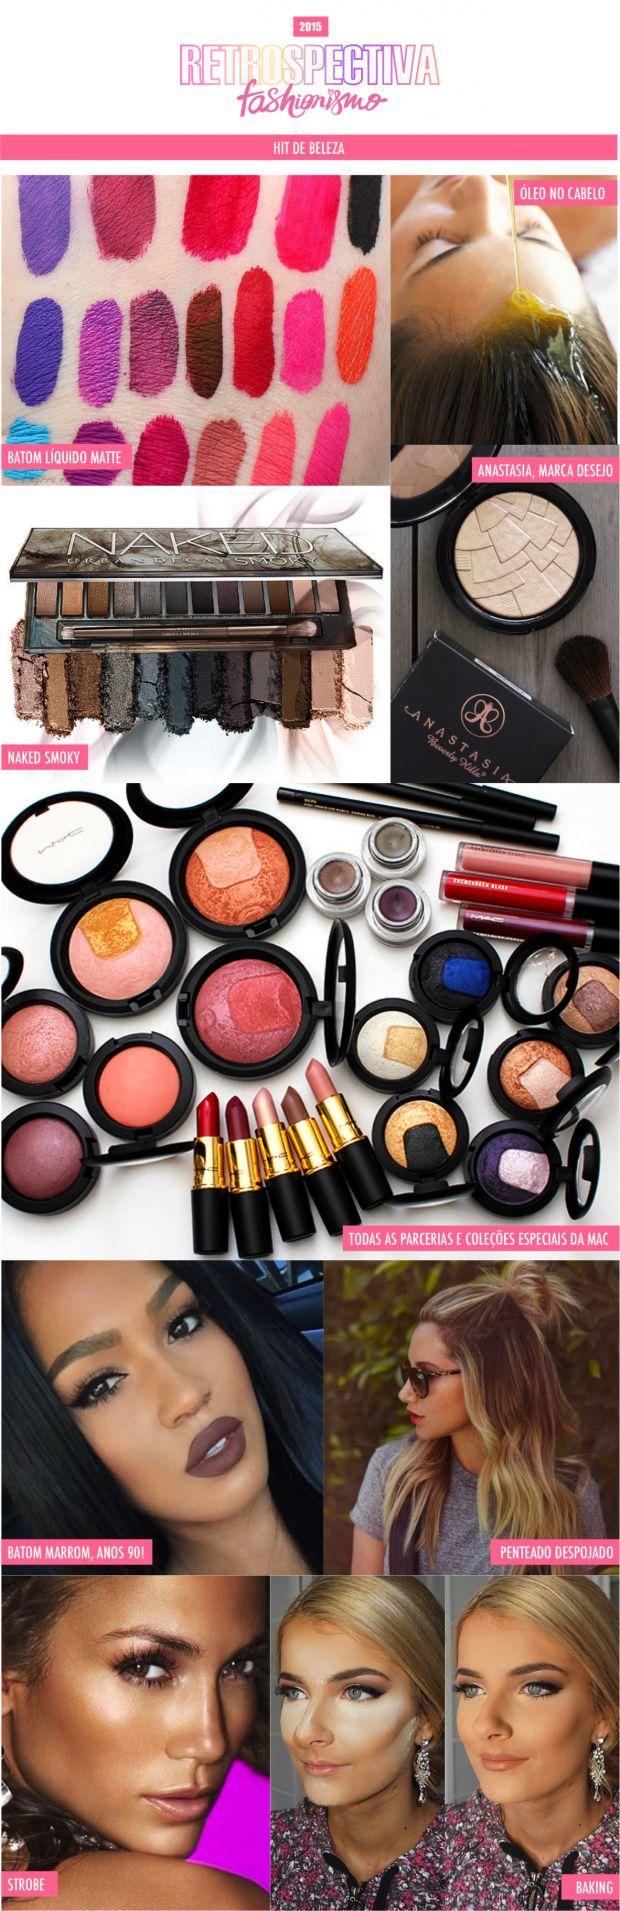 Beleza Archives - Página 3 de 208 - Fashionismo